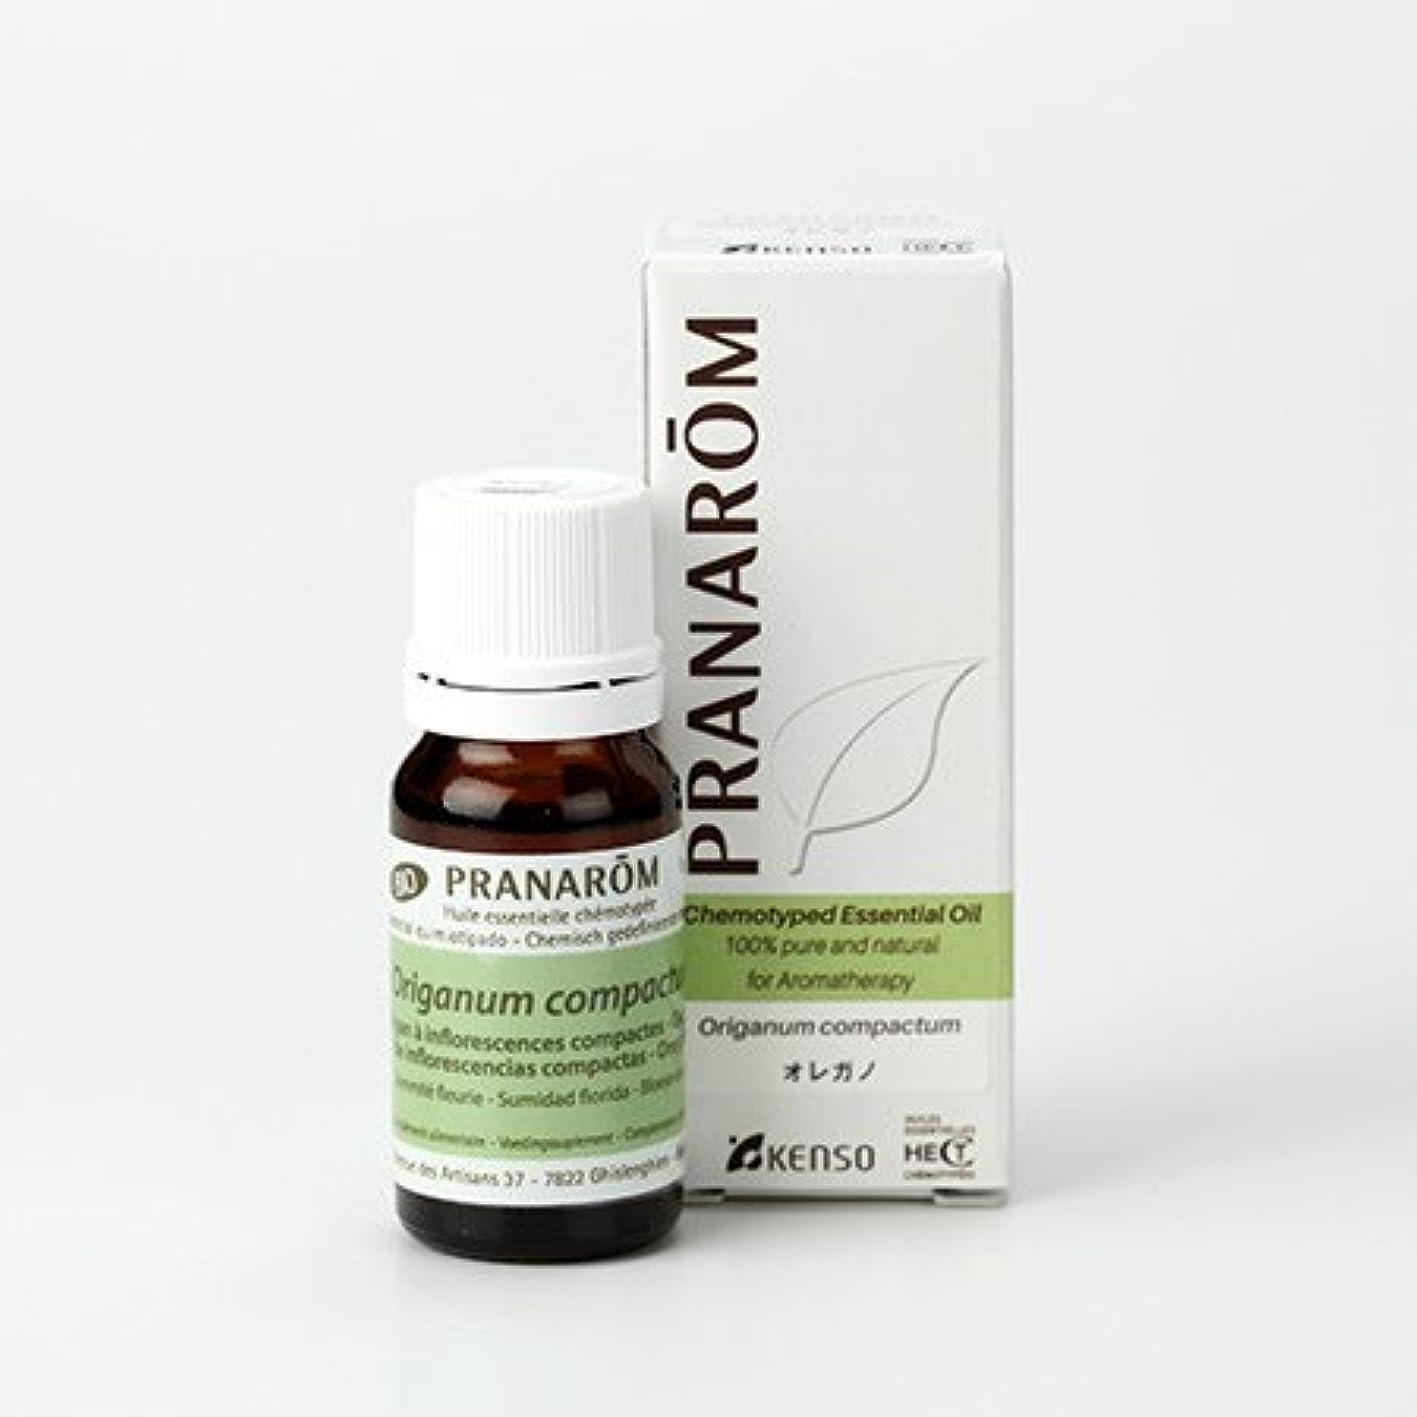 強制統合するエンターテインメントプラナロム オレガノ 10ml (PRANAROM ケモタイプ精油)